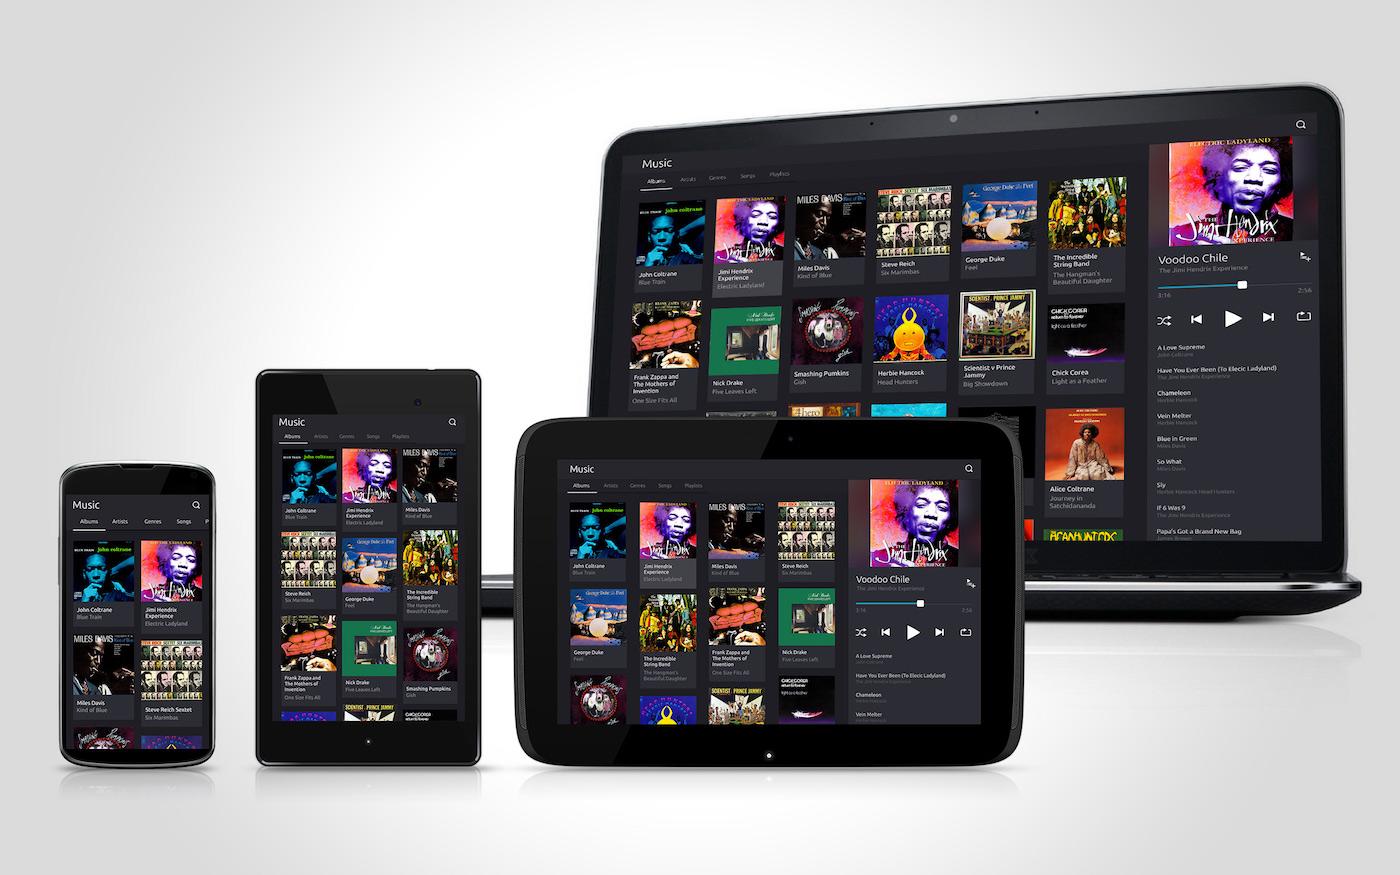 Ubuntu music devices